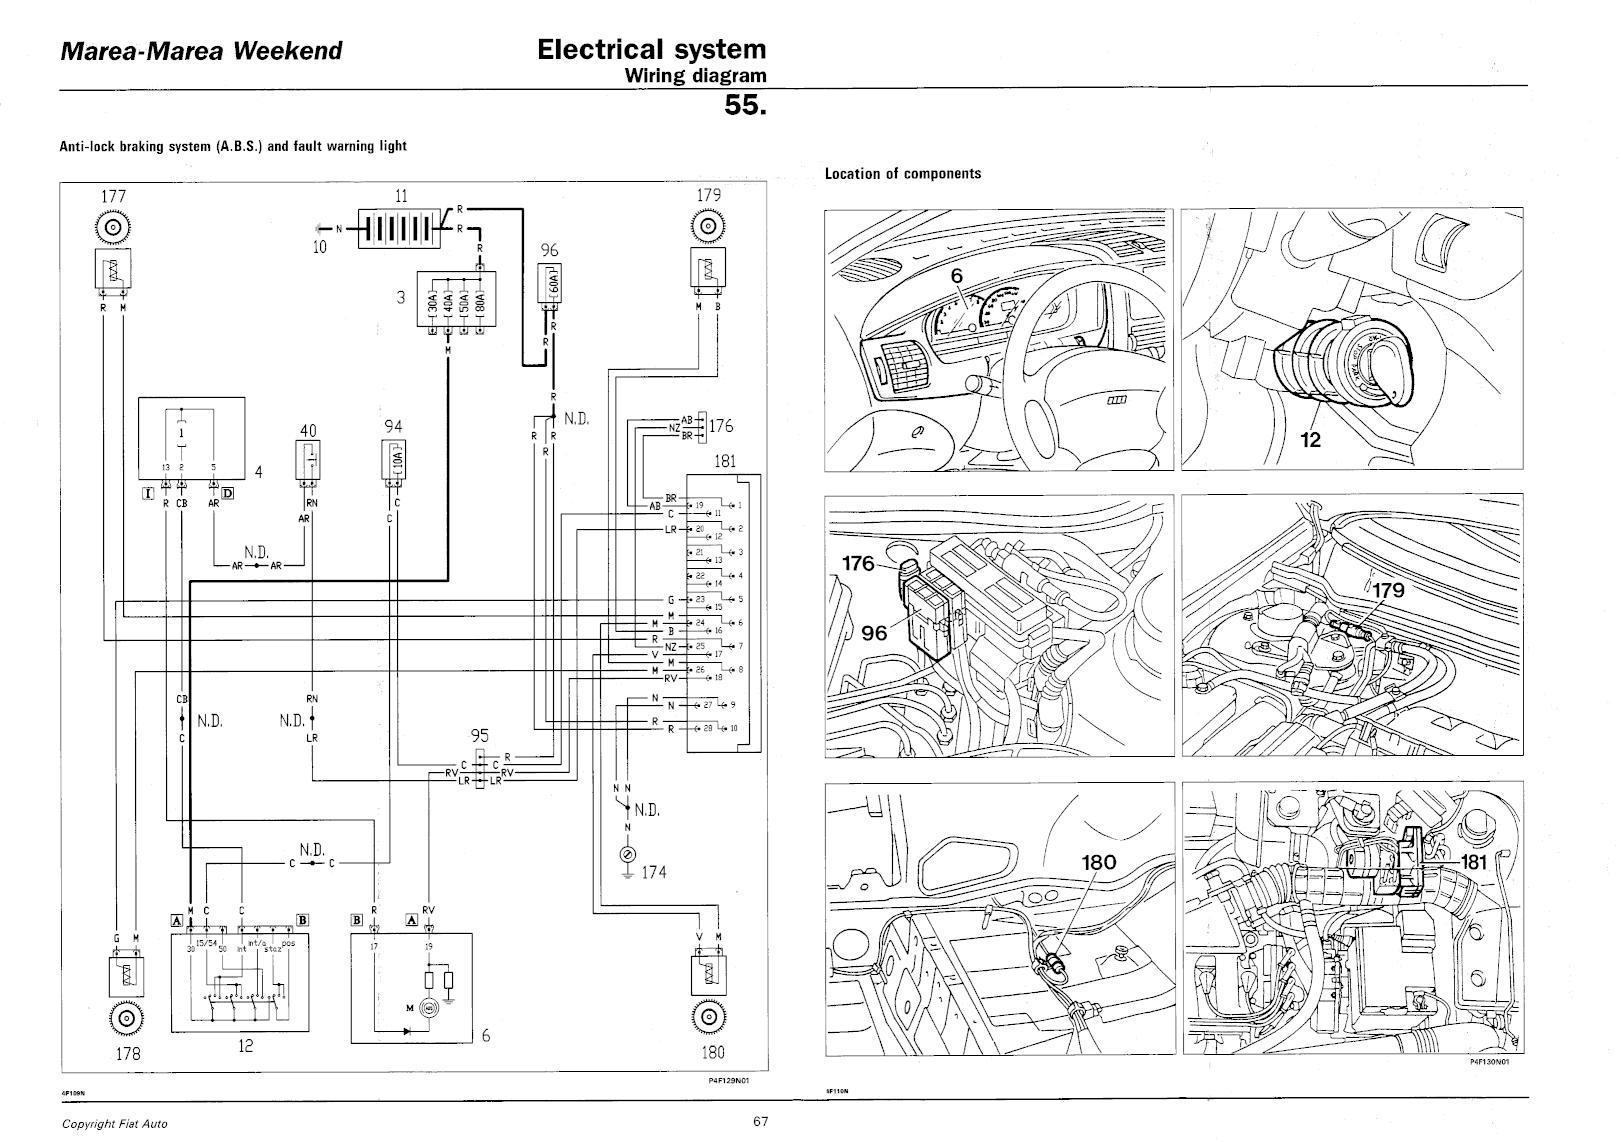 Poszukuję schematu układu ABS w Fiat Marea 1.8 16v